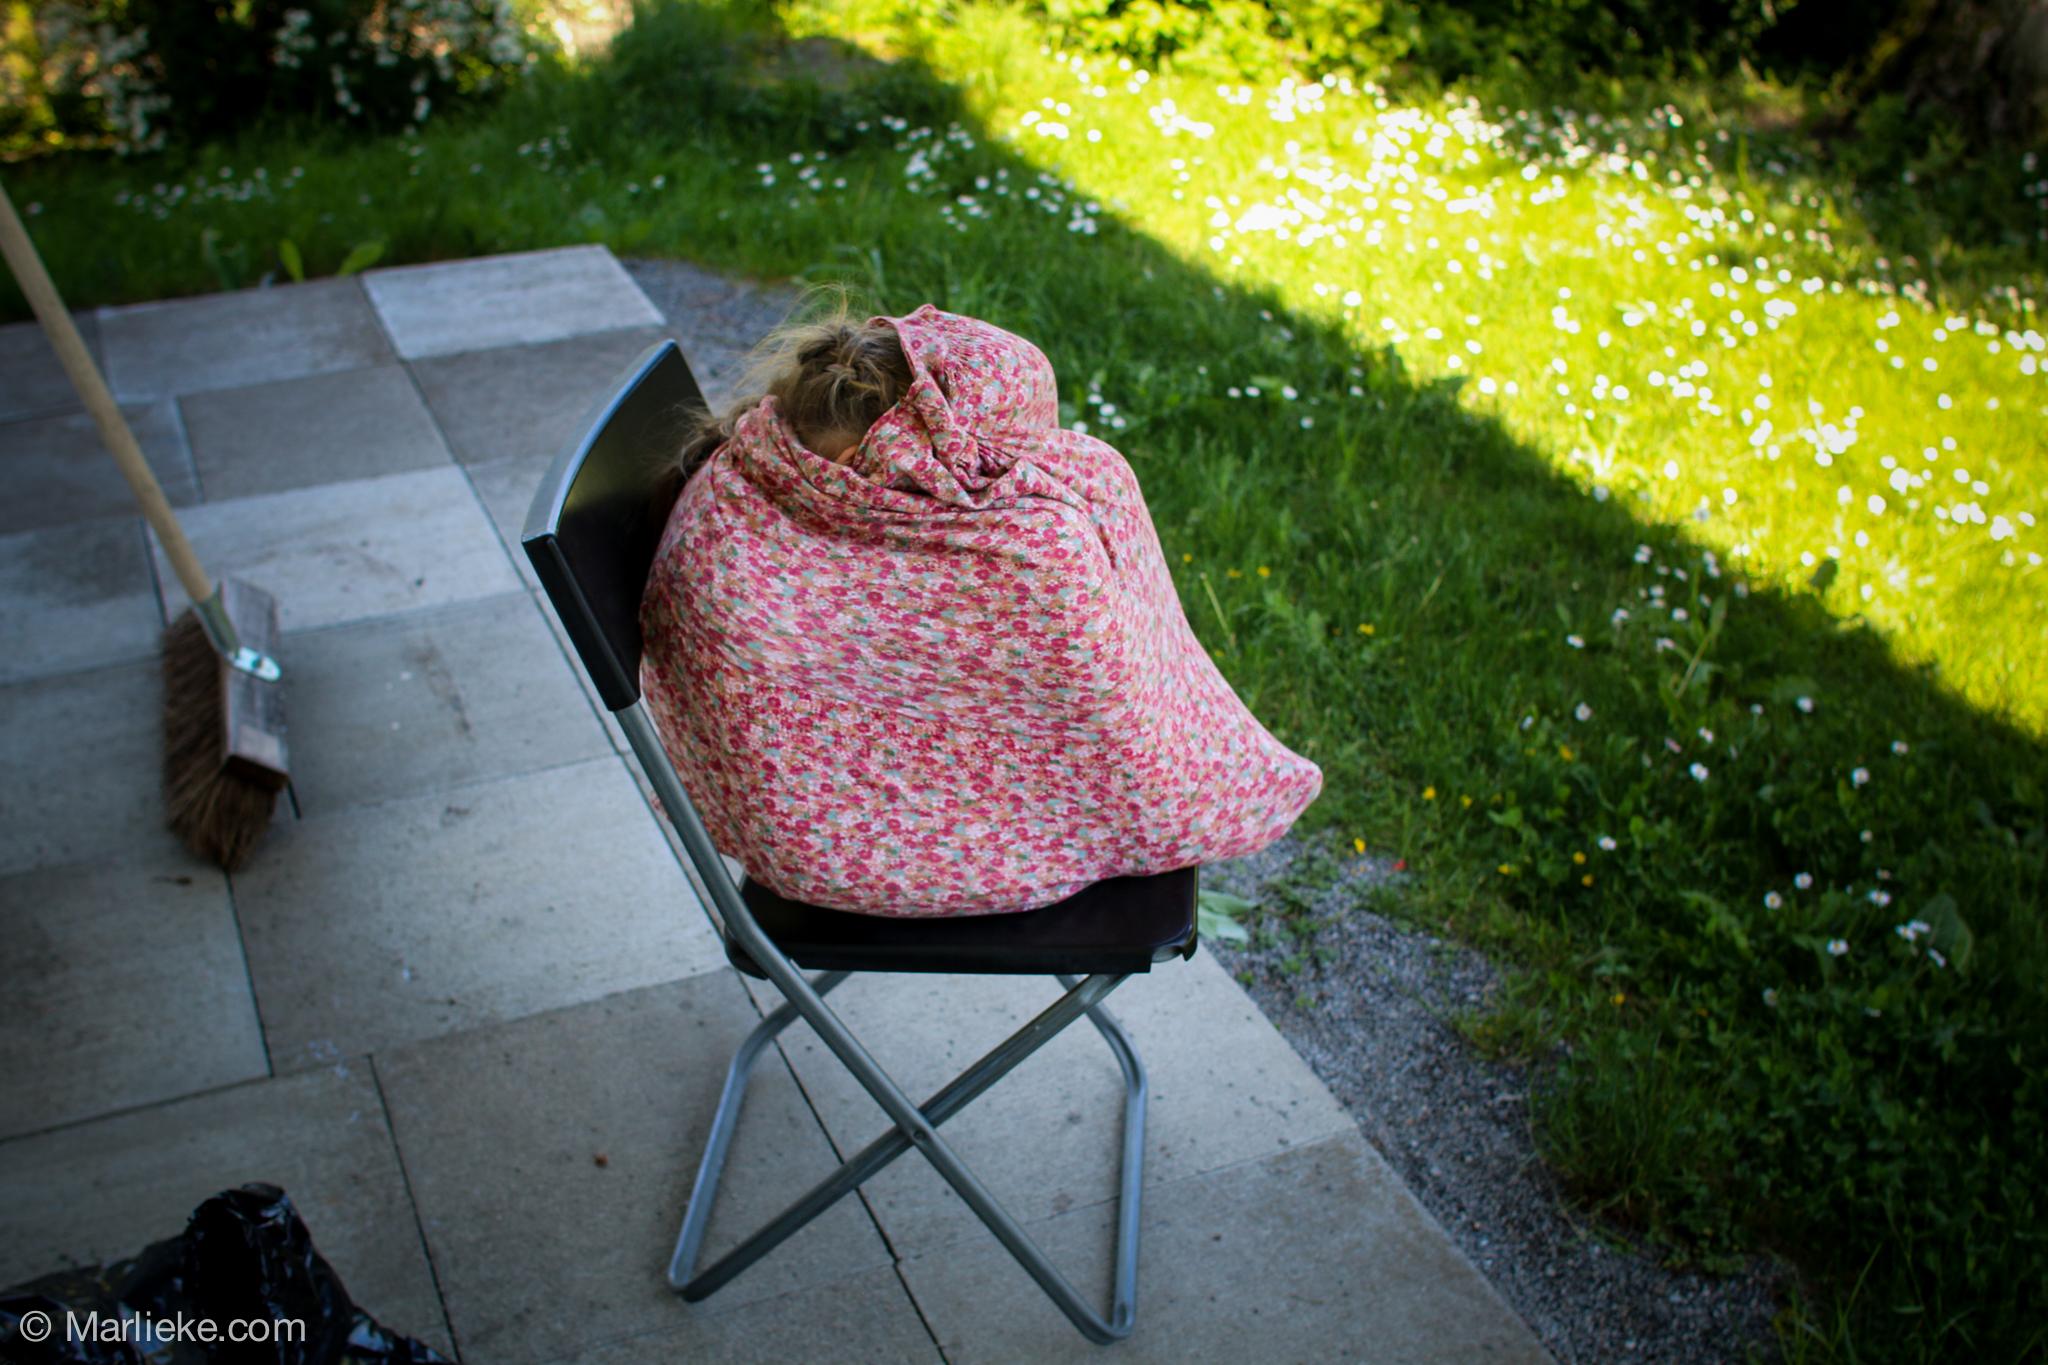 Mijn kleine mis ongeduld die ook zo graag in de hangstoel wilde.